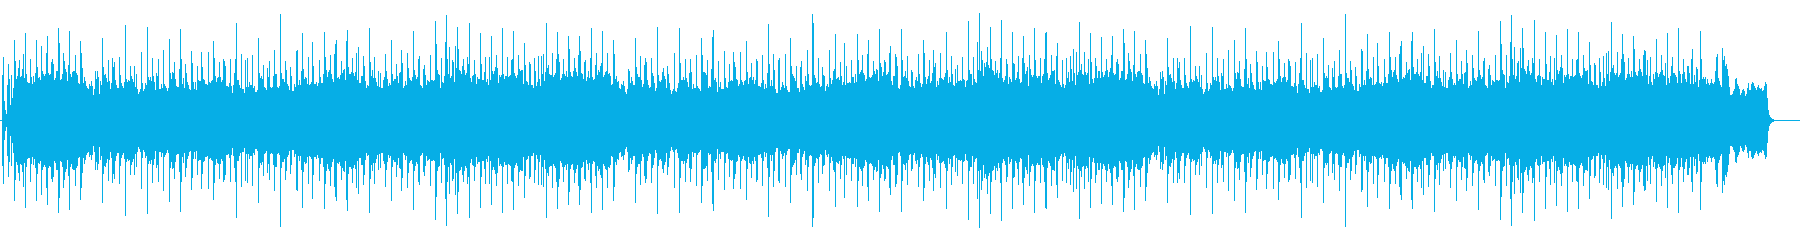 リリカルでトラディッショナルなバラードの再生済みの波形